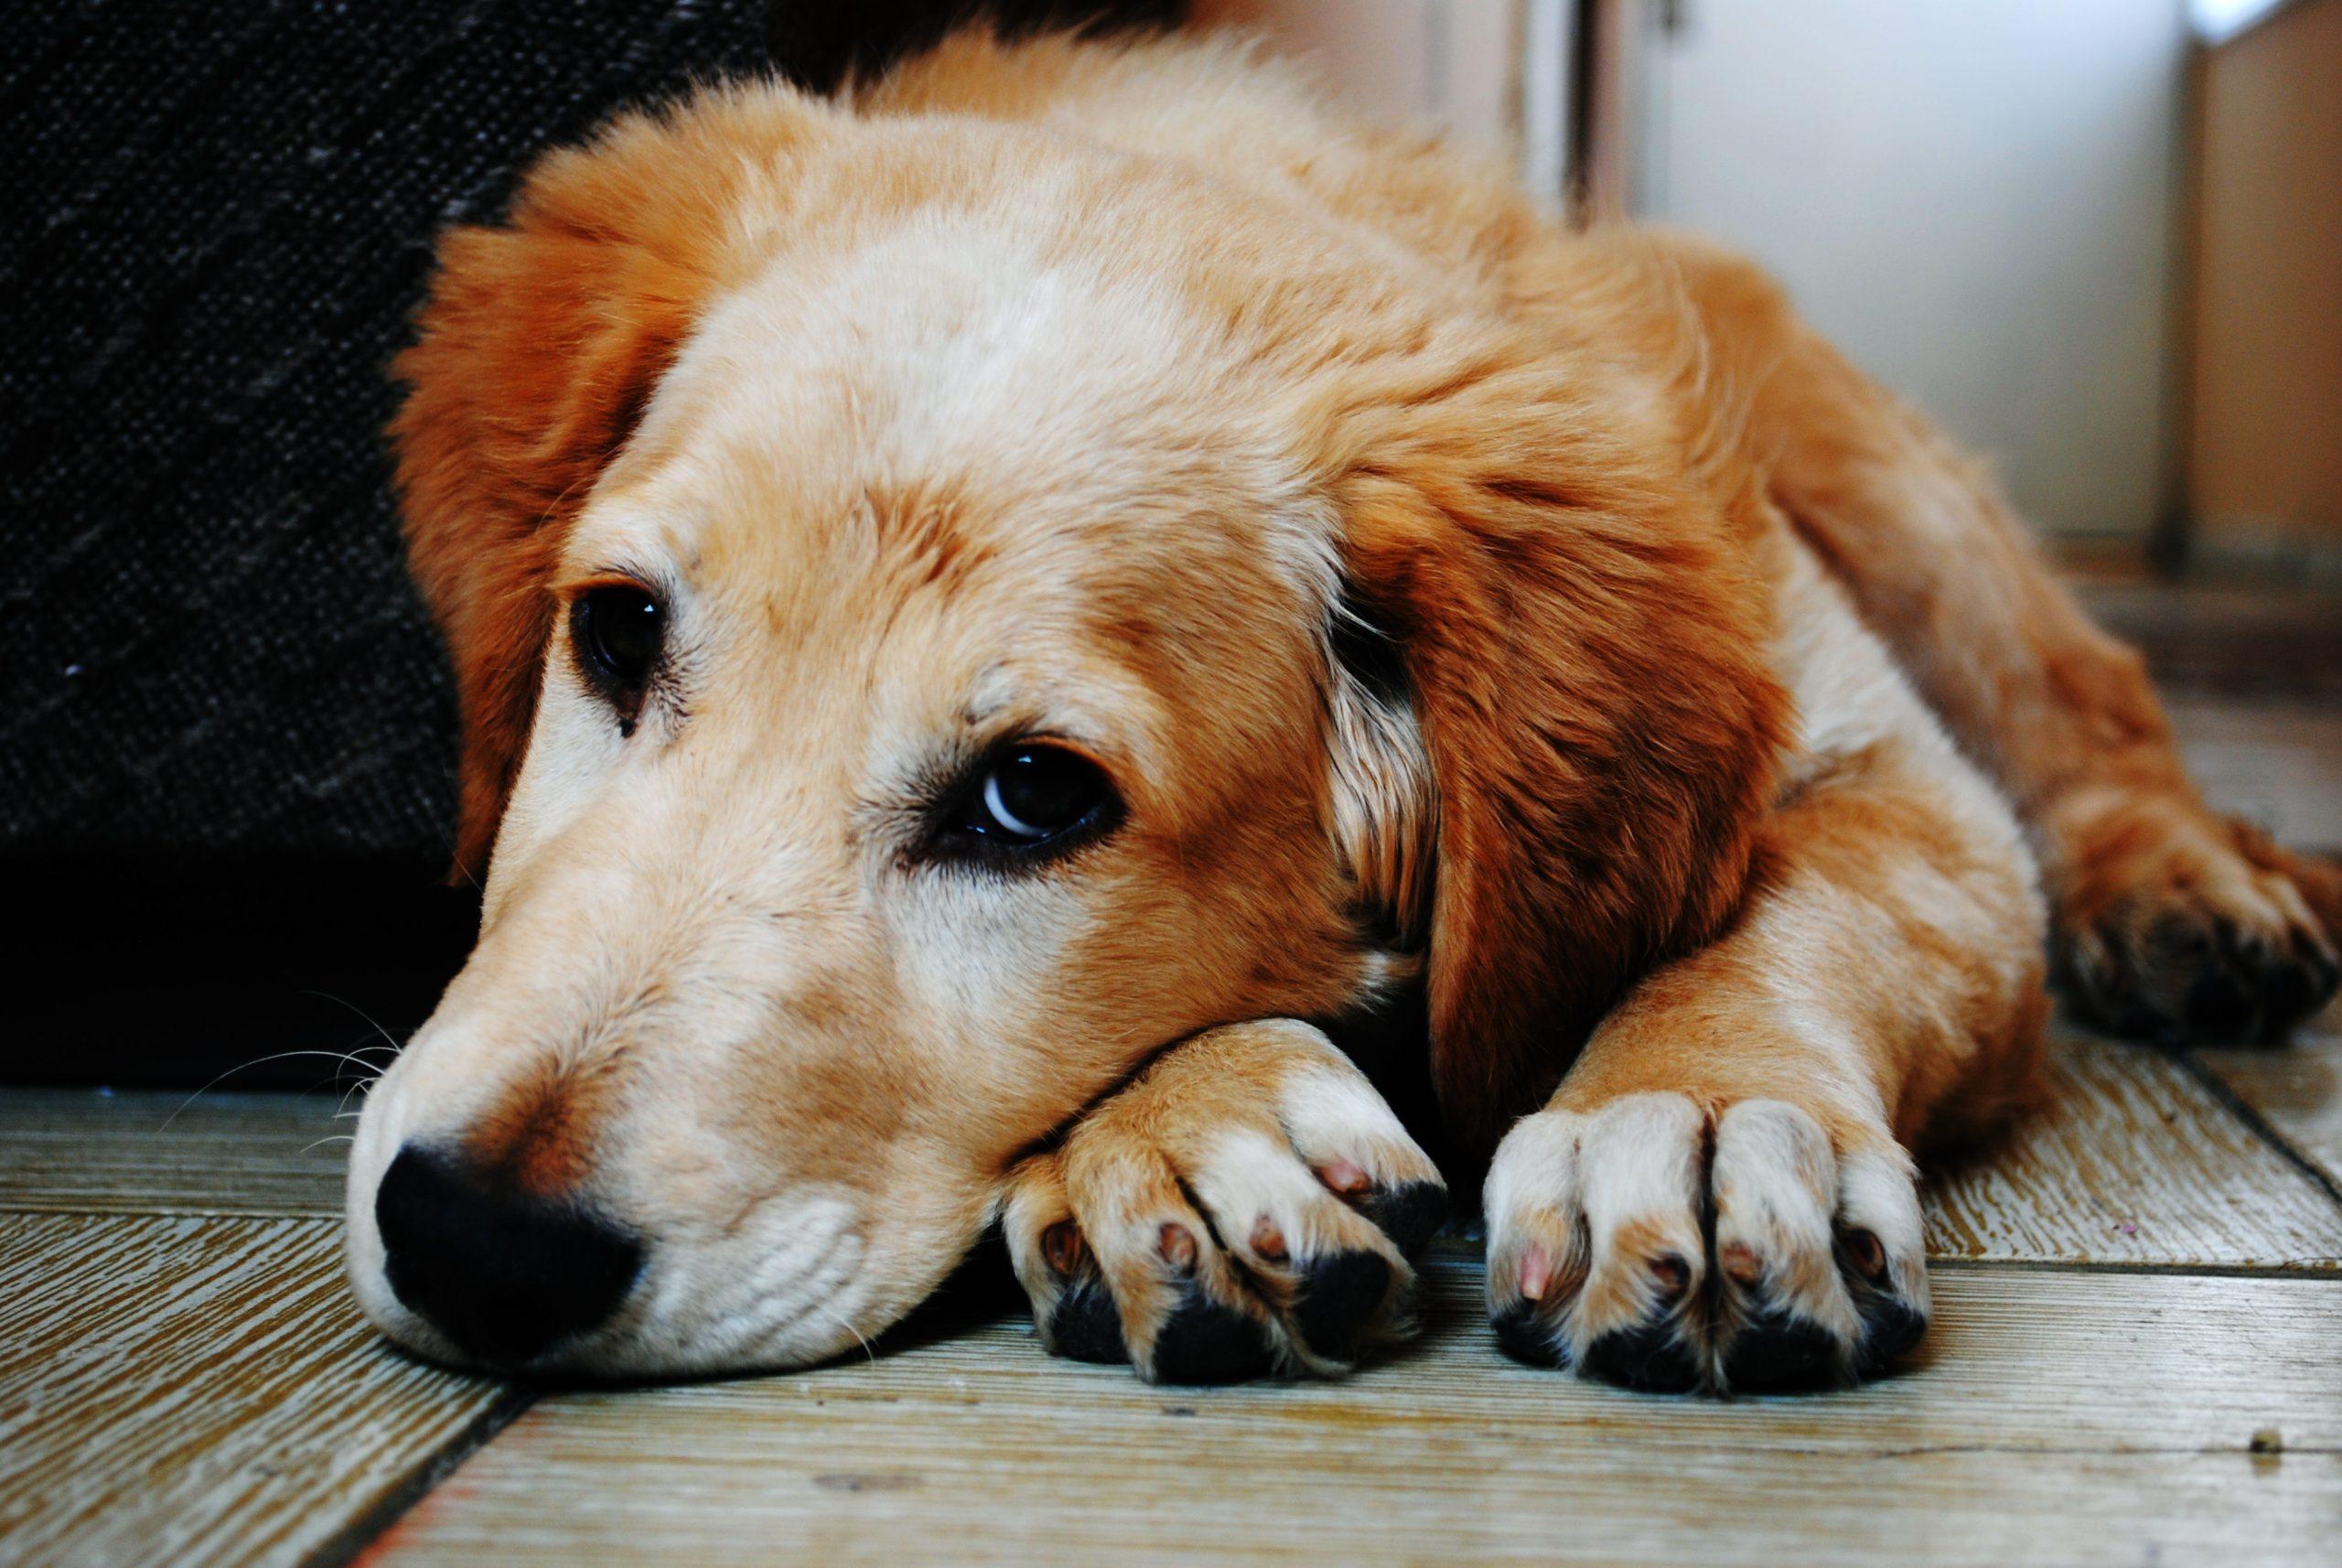 vomito cane